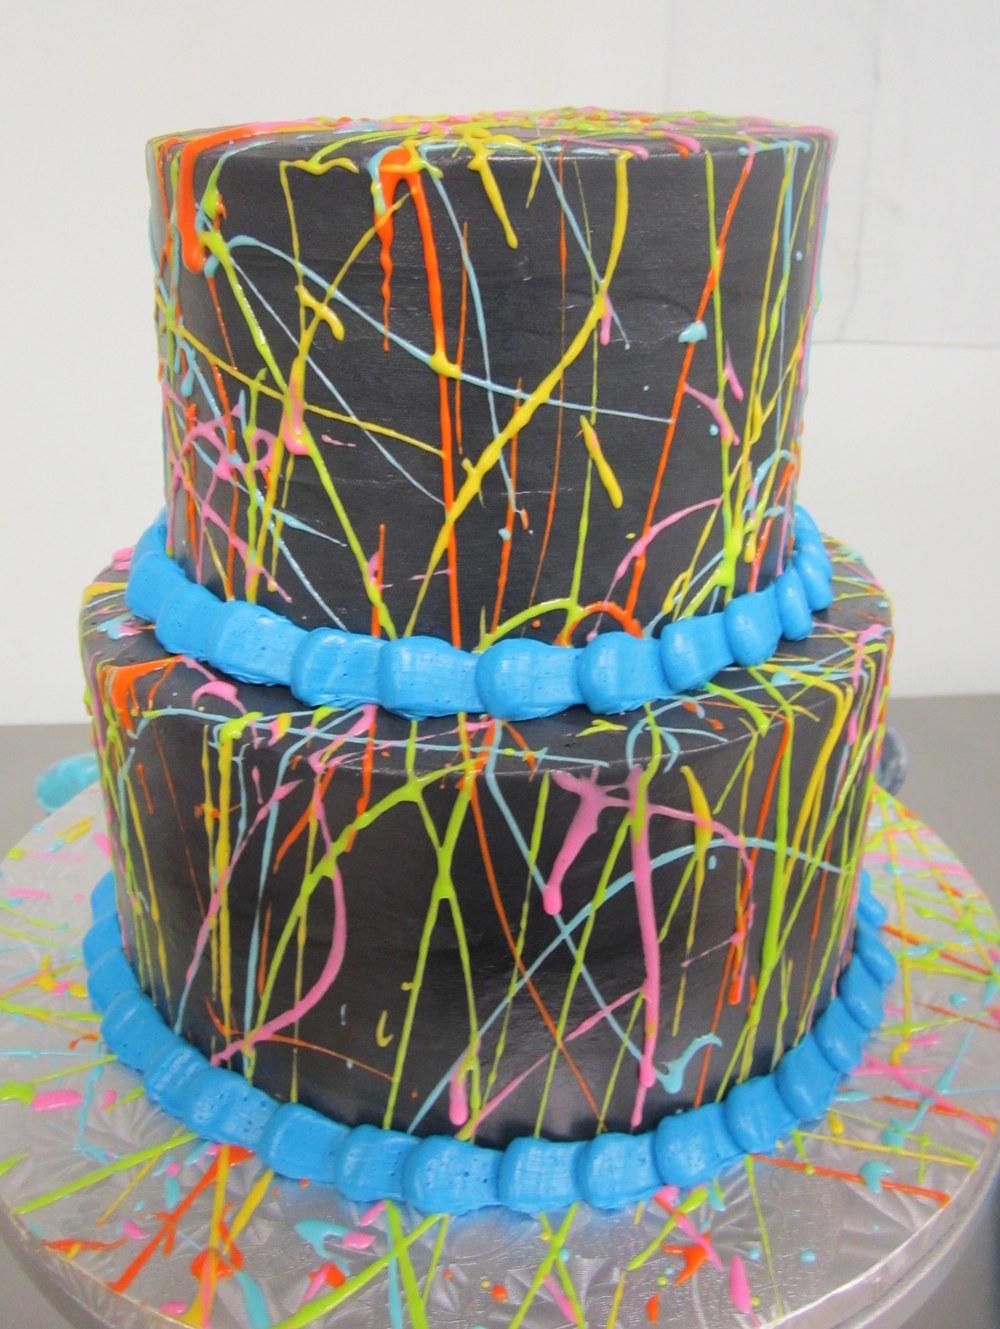 black splatter cake.jpg